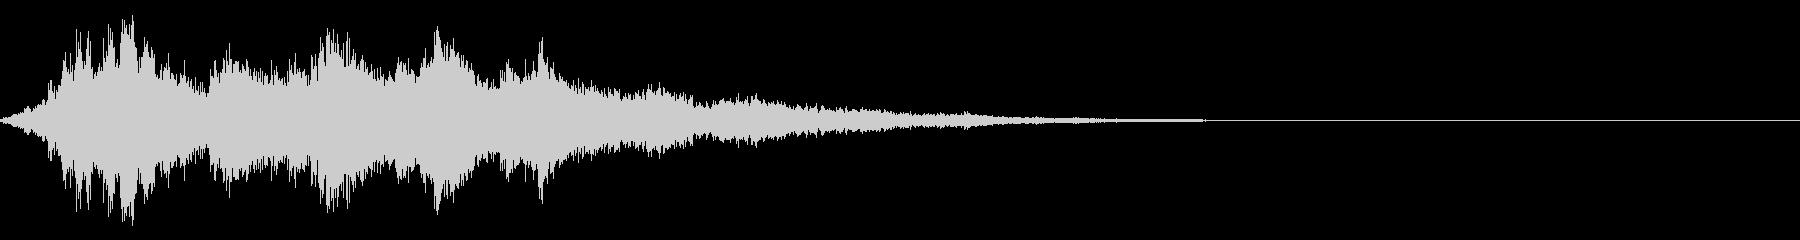 キラキラ☆シャキーン(輝きや魔法等)6bの未再生の波形